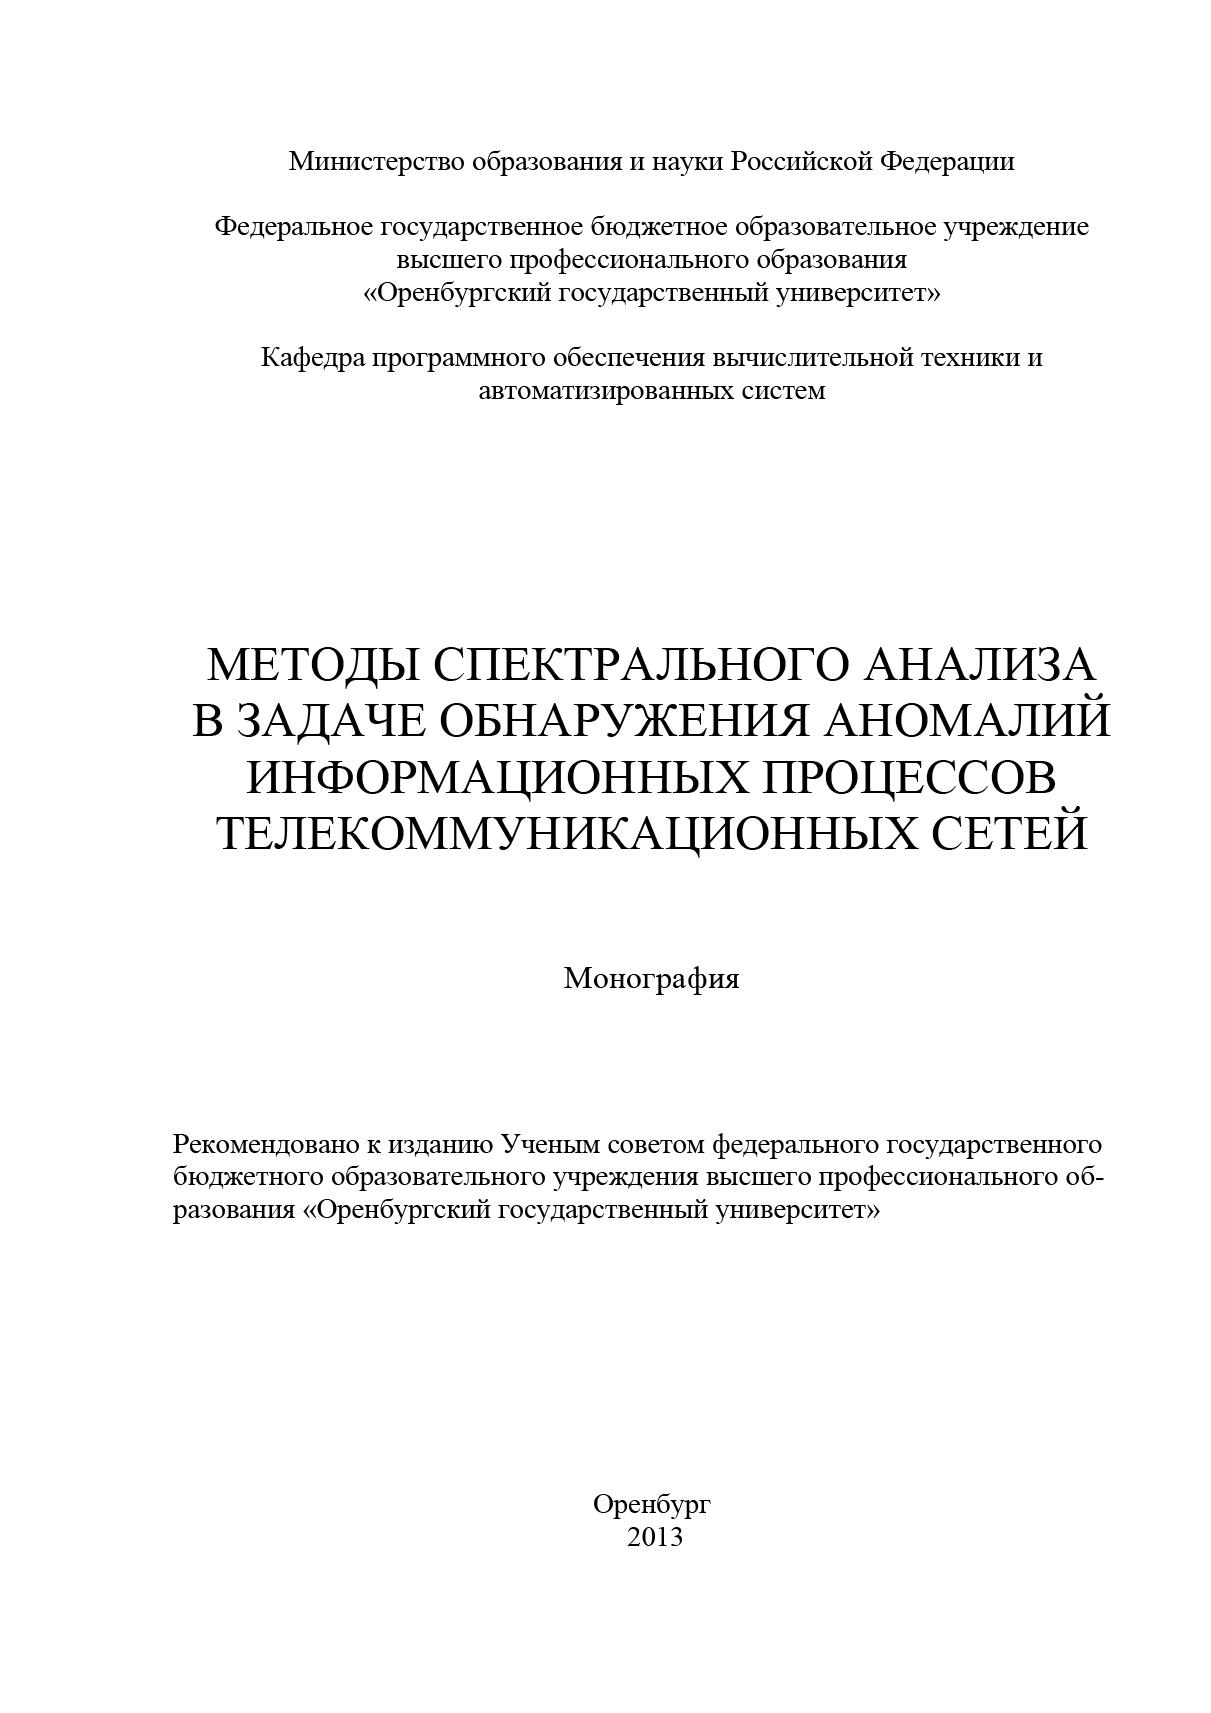 Коллектив авторов Методы спектрального анализа в задаче обнаружения аномалий информационных процессов телекоммуникационных сетей методы спектрального и химико спектрального анализа